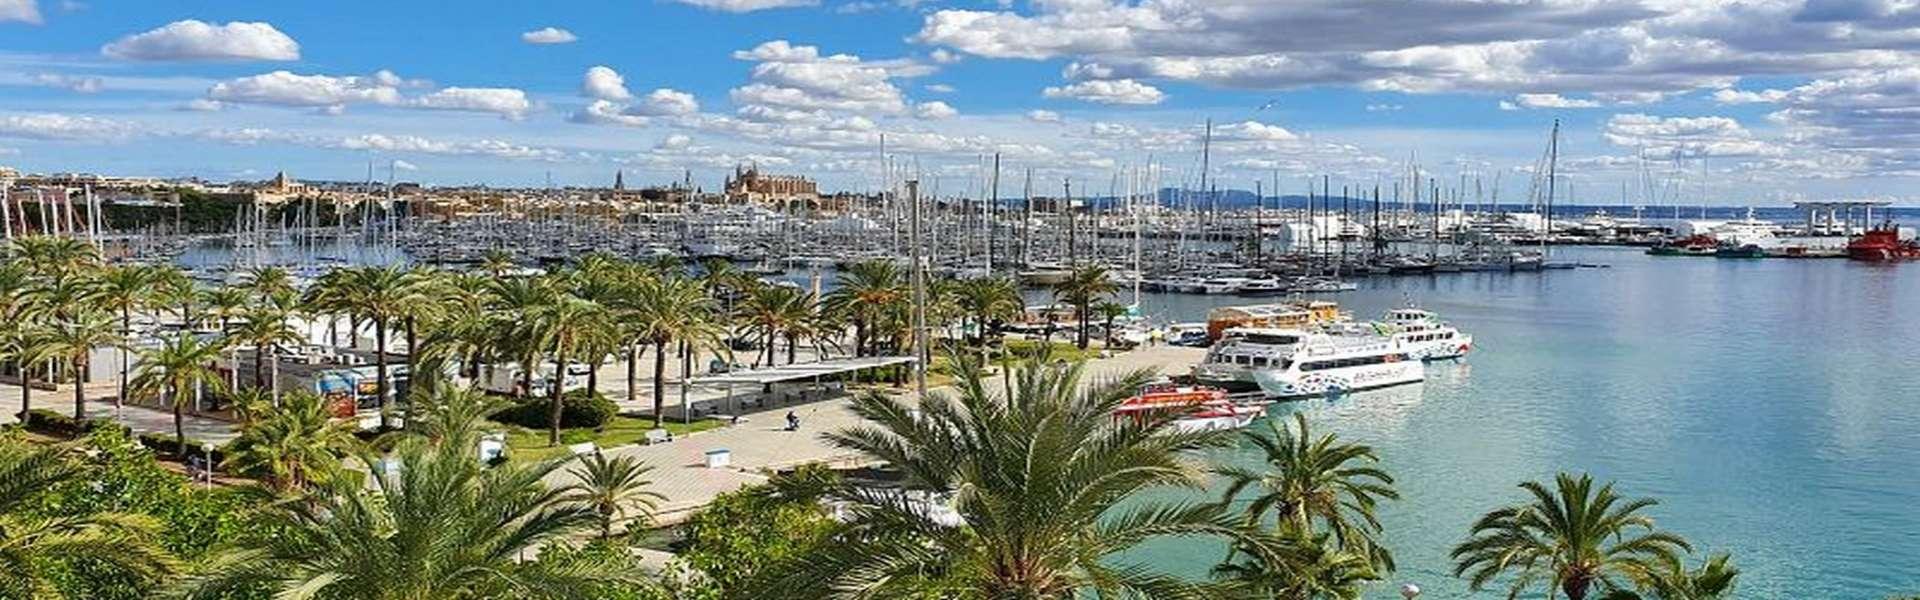 Palma/Paseo Marítimo - Apartment mit wunderschönem Ausblick zu verkaufen